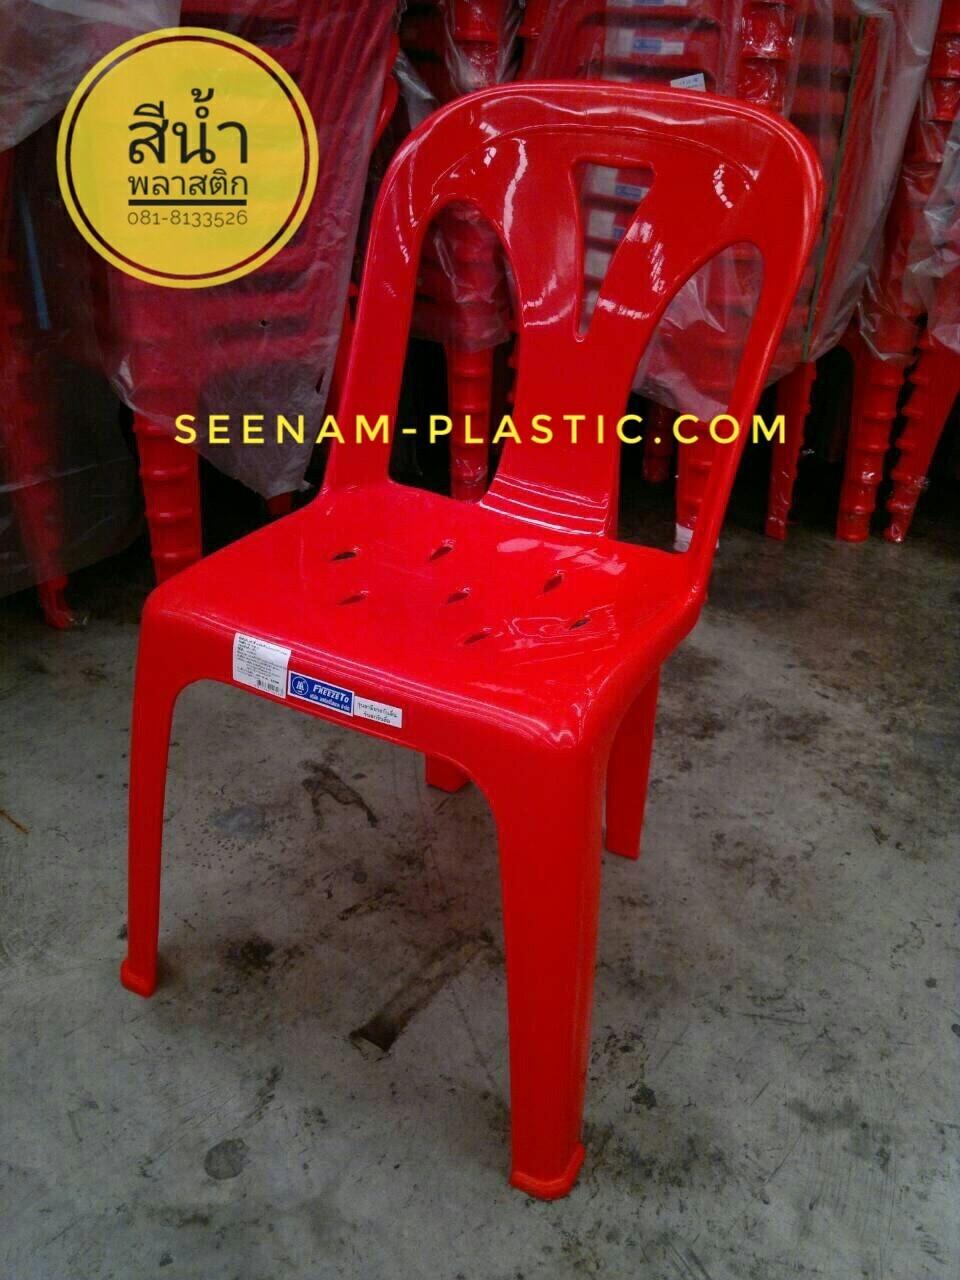 เก้าอี้พลาสติก,ขายเก้าอี้พลาสติก,เก้าอี้พลาสติกเกรดเอ,เก้าอี้มีพนักพิง,plastic chair,เก้าอี้ร้านอาหาร,เก้าอี้ถวายวัด,เก้าอี้SML,เก้าอี้โต๊ะจีน,เก้าอี้ ถวายวัด, เก้าอี้งานวัด,เก้าอี้ร้านหมูกระทะ,เก้าอี้พลาสติก,เก้าอี้โต๊ะจีน,โรงงานเก้าอี้พลาสติก